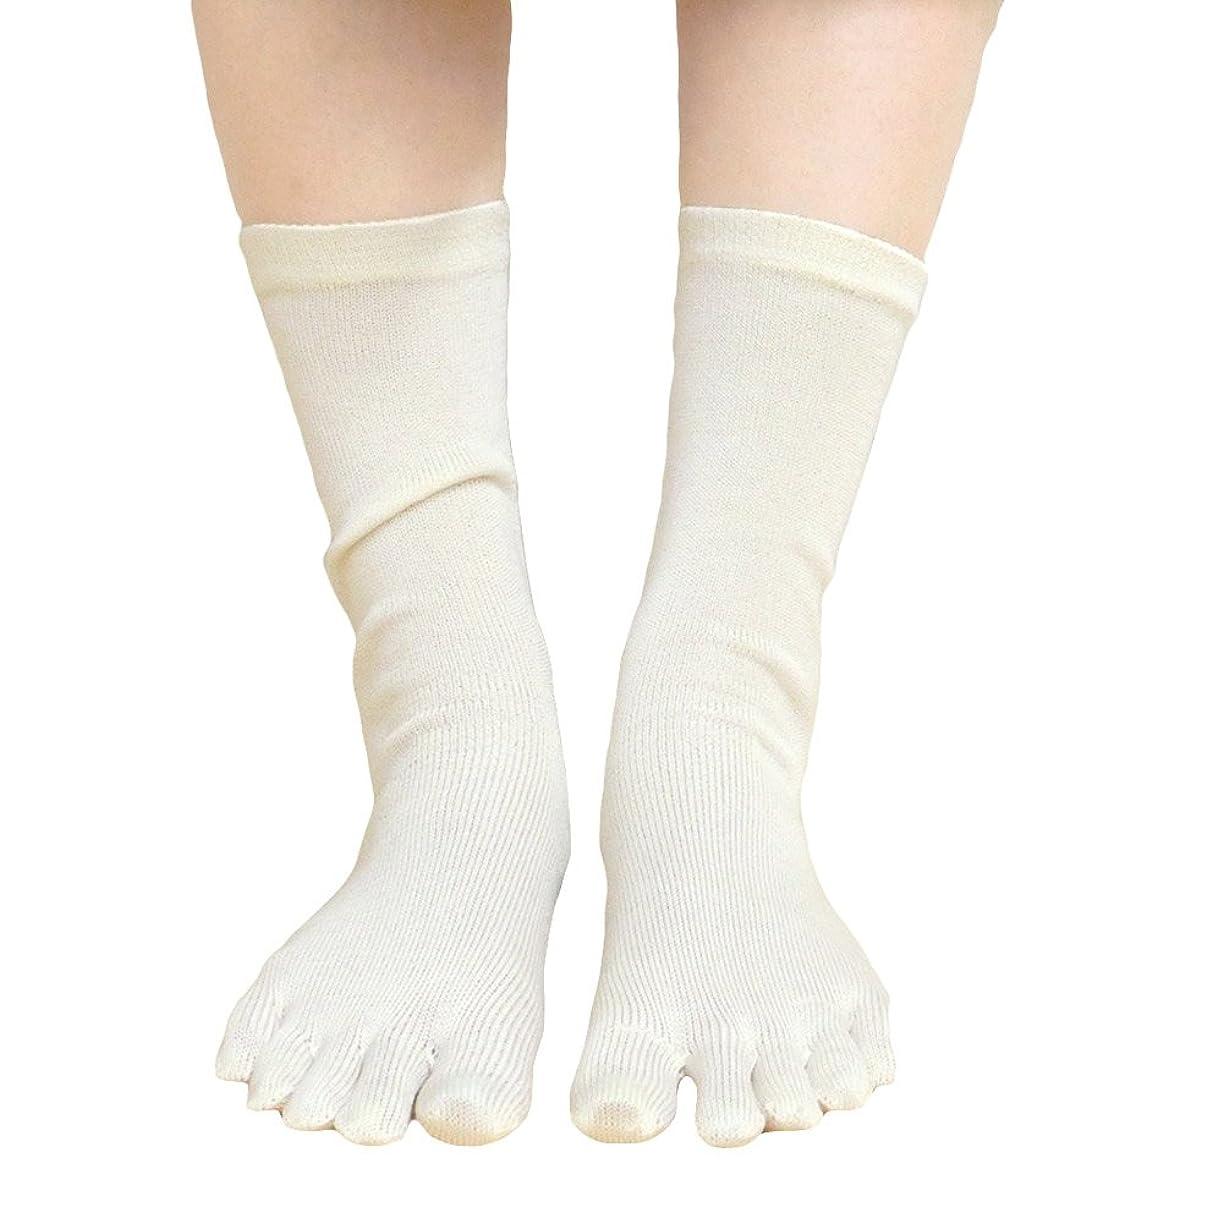 床を掃除する牽引紫のタイシルク 100% 五本指 ソックス 3足セット かかとあり 上質なタイシルクを100%使用した薄手靴下 重ね履きのインナーソックスや冷えとりに